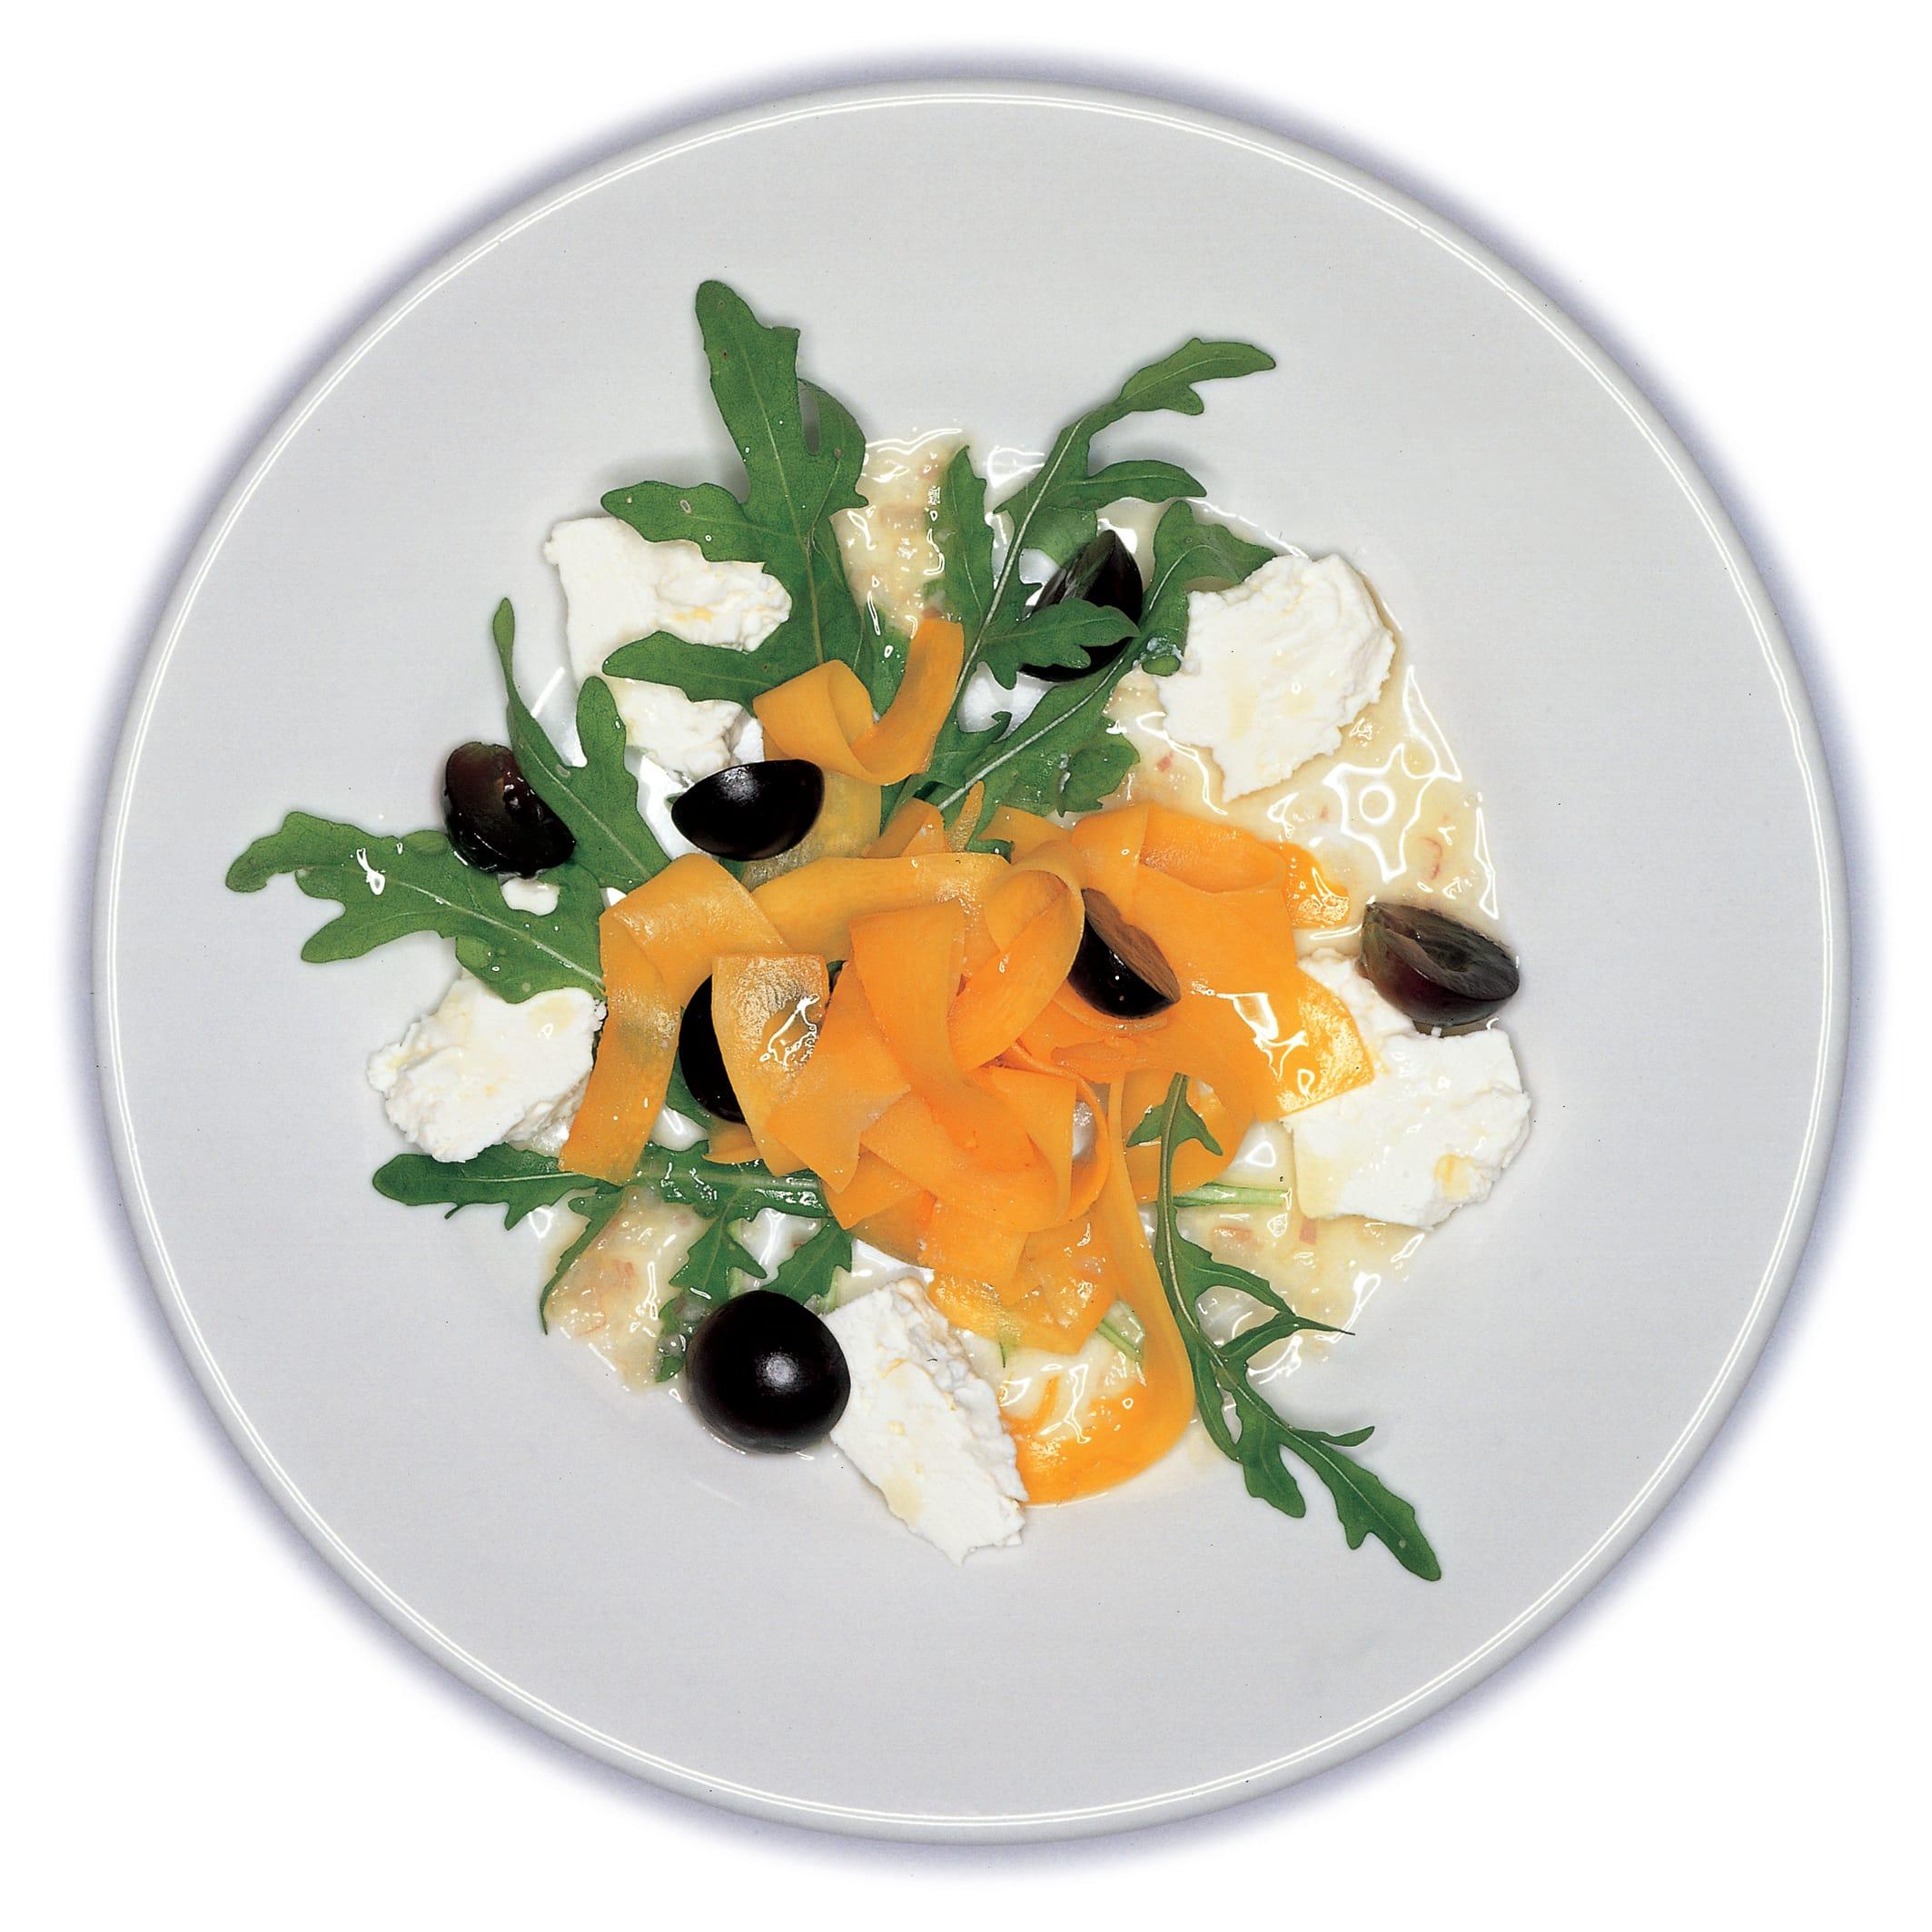 Salade de roquette et de potiron au raisin et au fromage